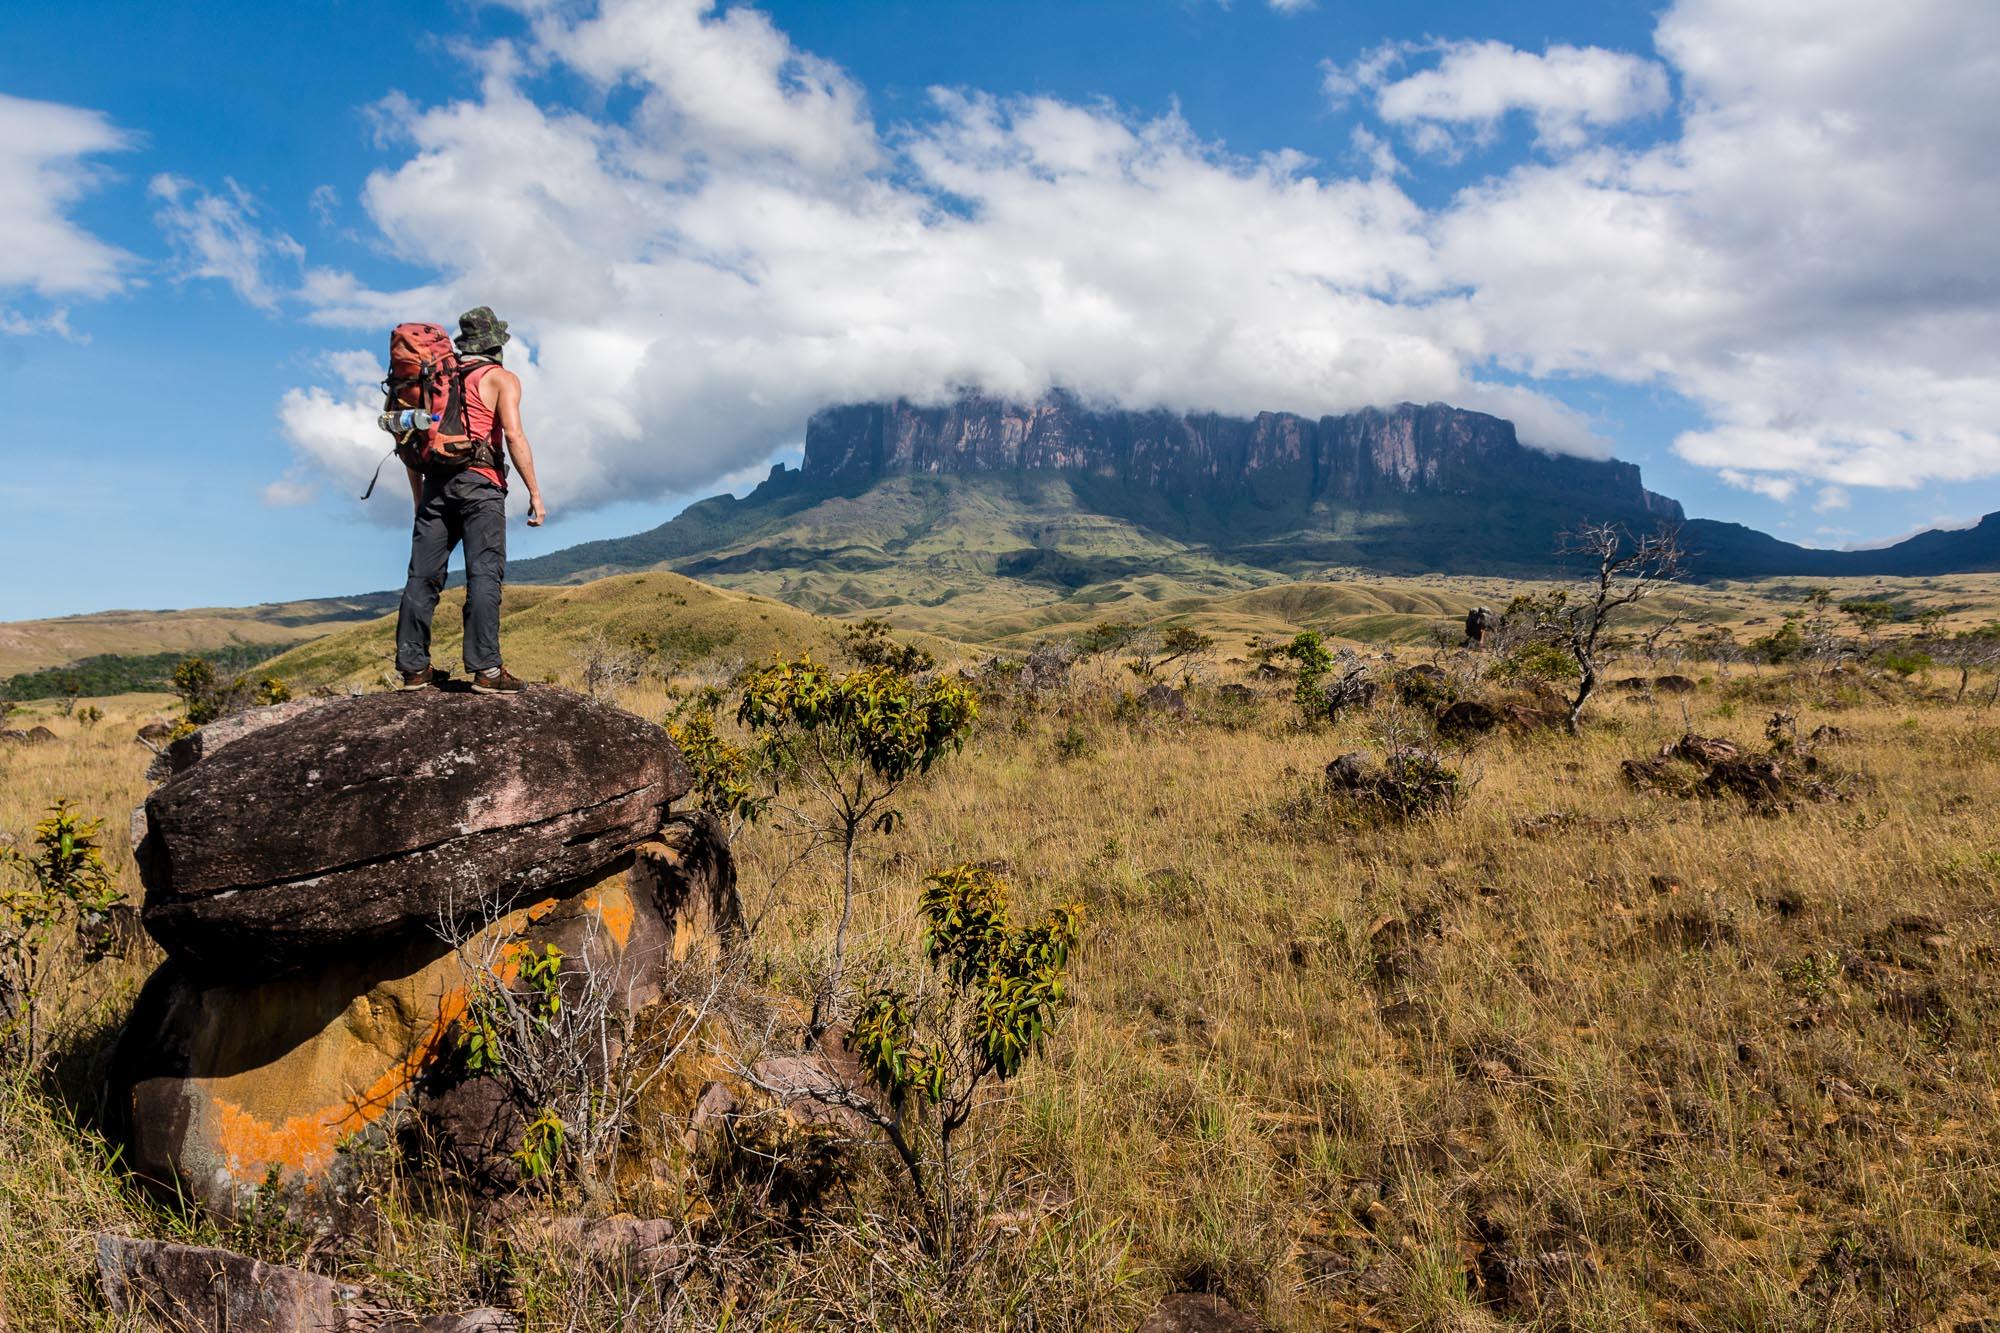 Bilder vom Trecking zum Roraima with Backpacker-Tours. Wiederverkauf ausgeschlossen